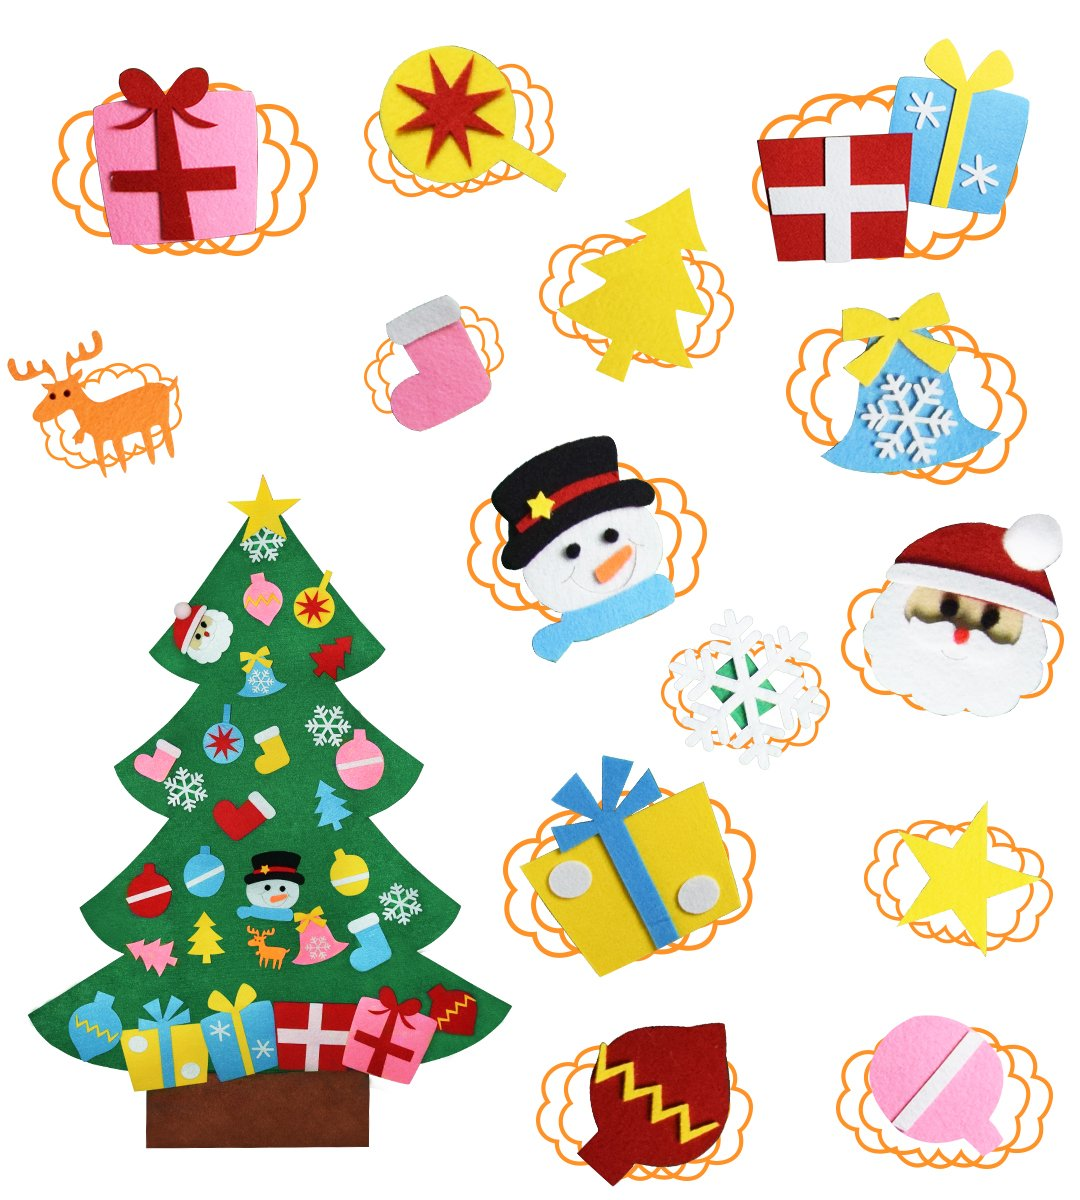 Feutre arbre de Noë l Tenture murale 3ft arbre de Noë l ensemble avec des ornements, cadeau de Noë l pour les enfants de Noë l dé corations bricolage cadeau de Noël pour les enfants de Noël décorations bricolage KEFAN